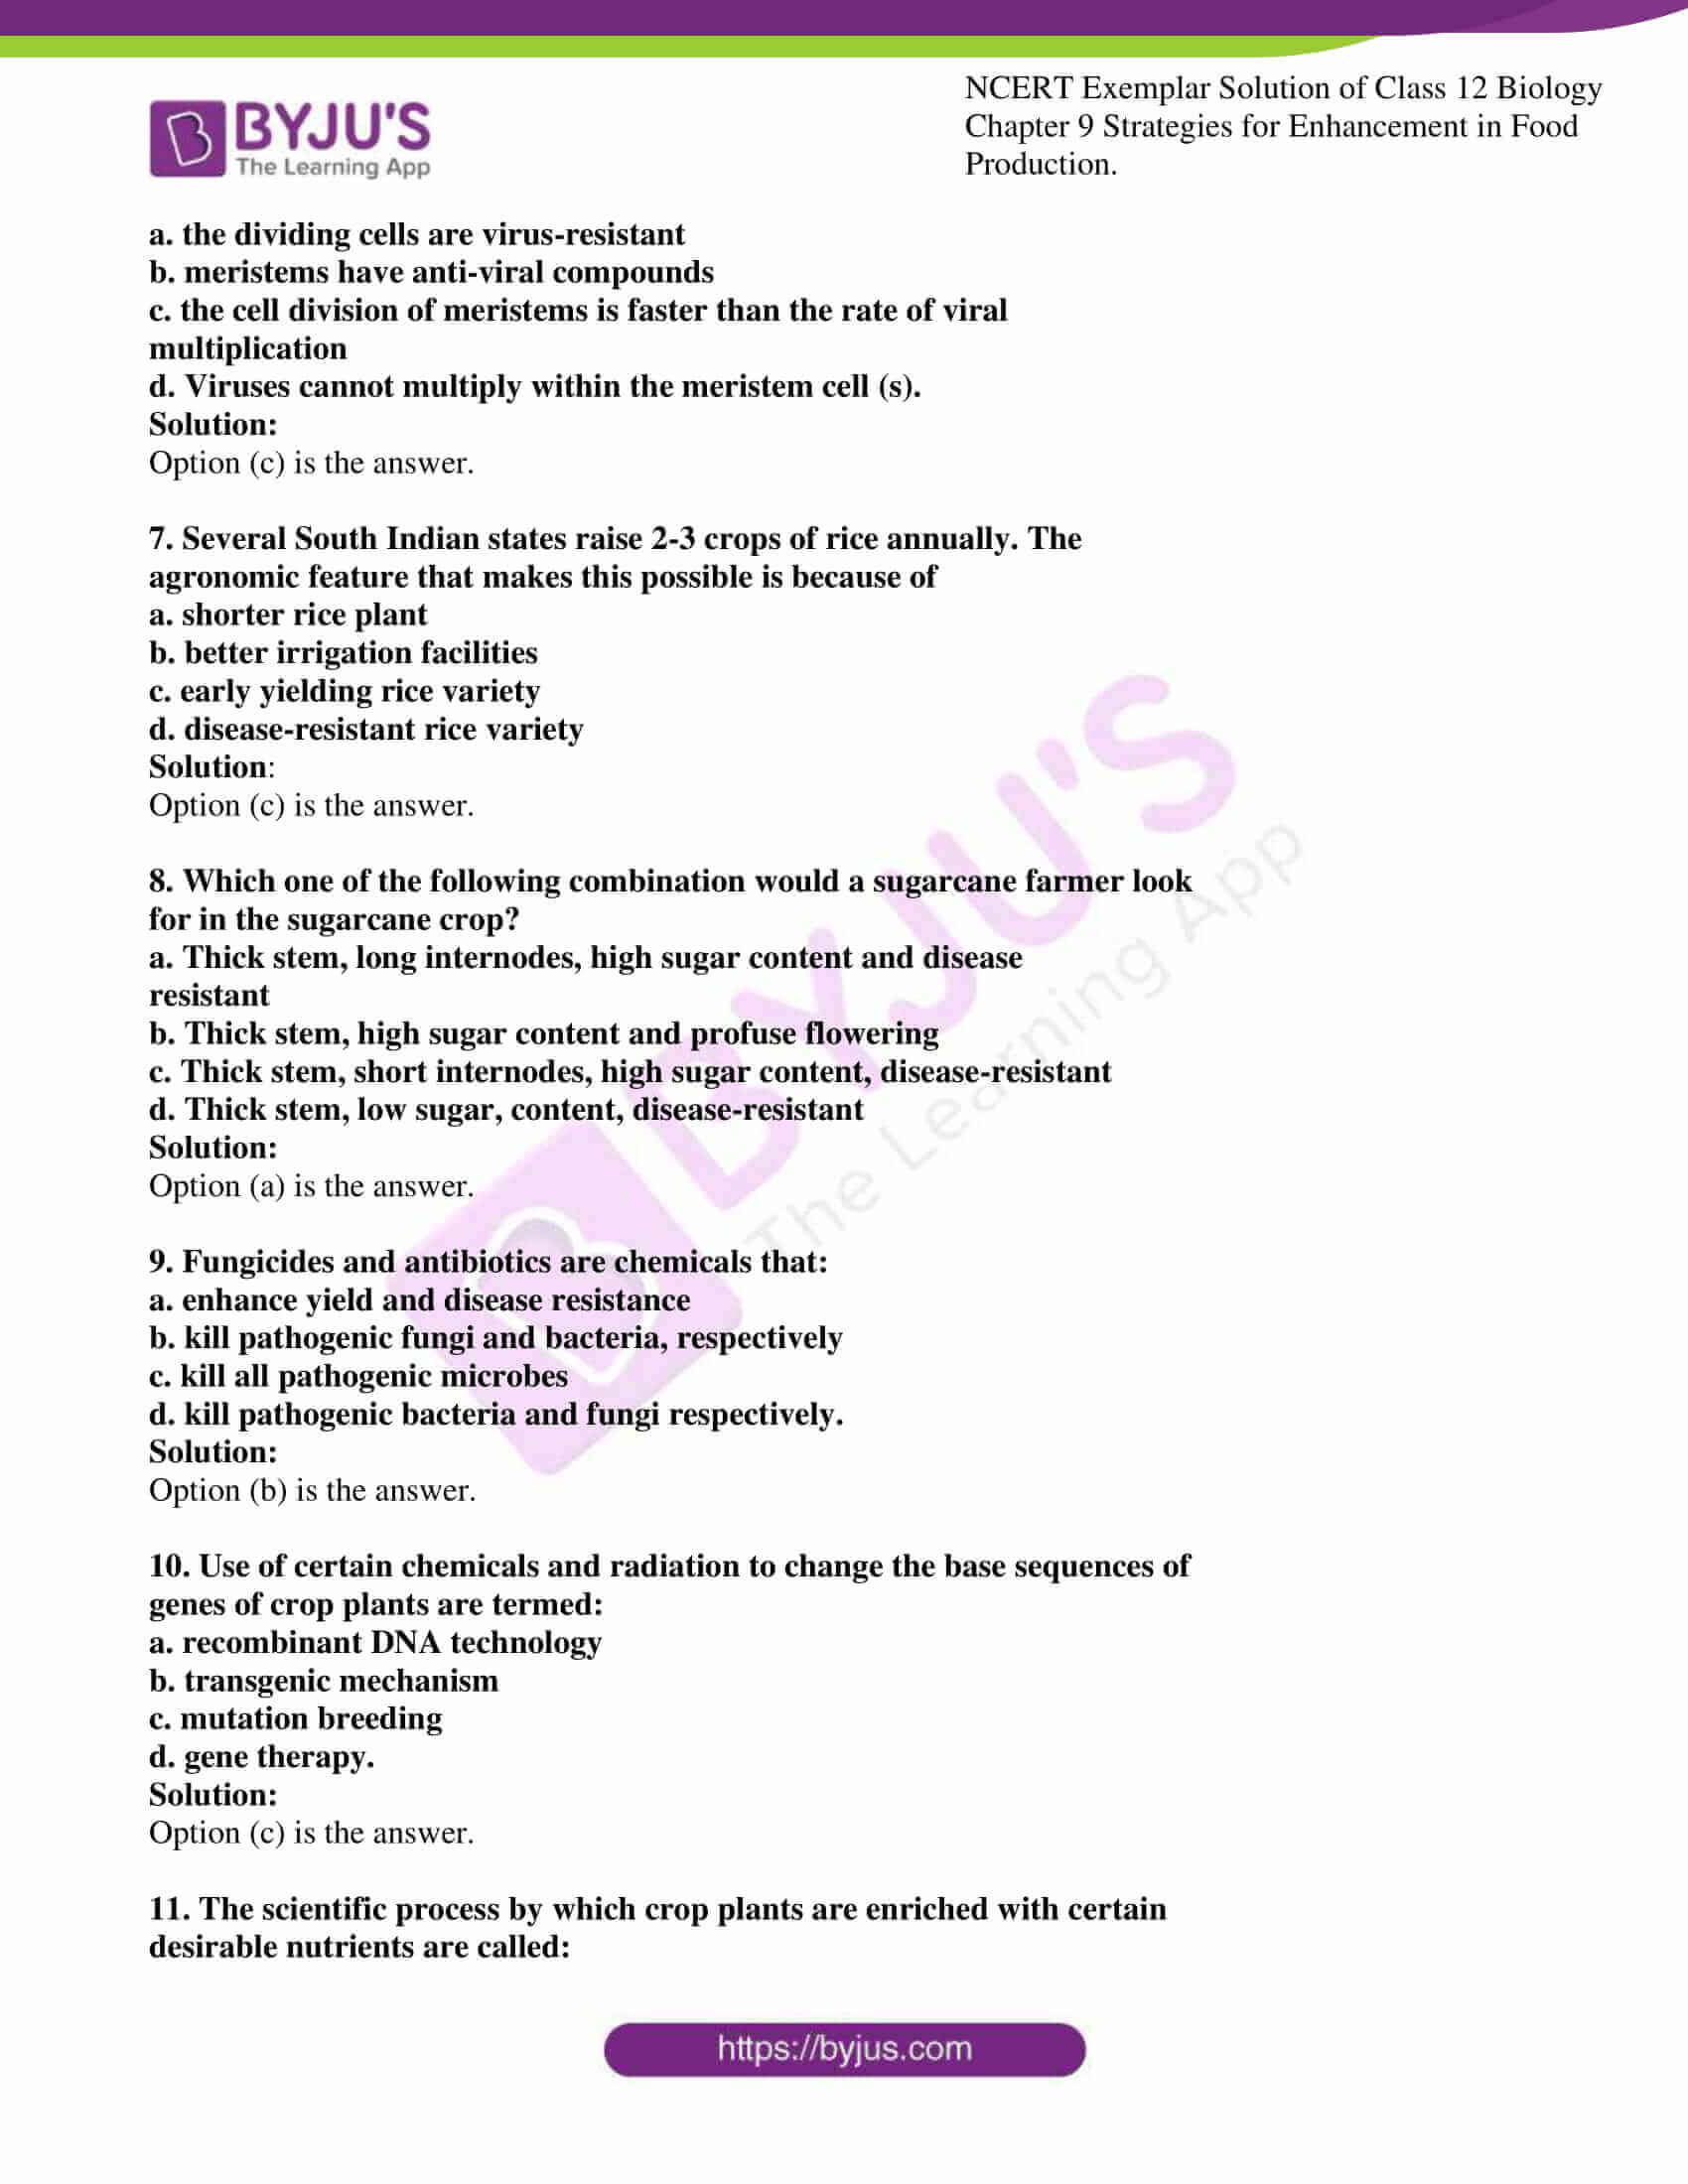 ncert exemplar solution of class 12 biology chapter 9 02